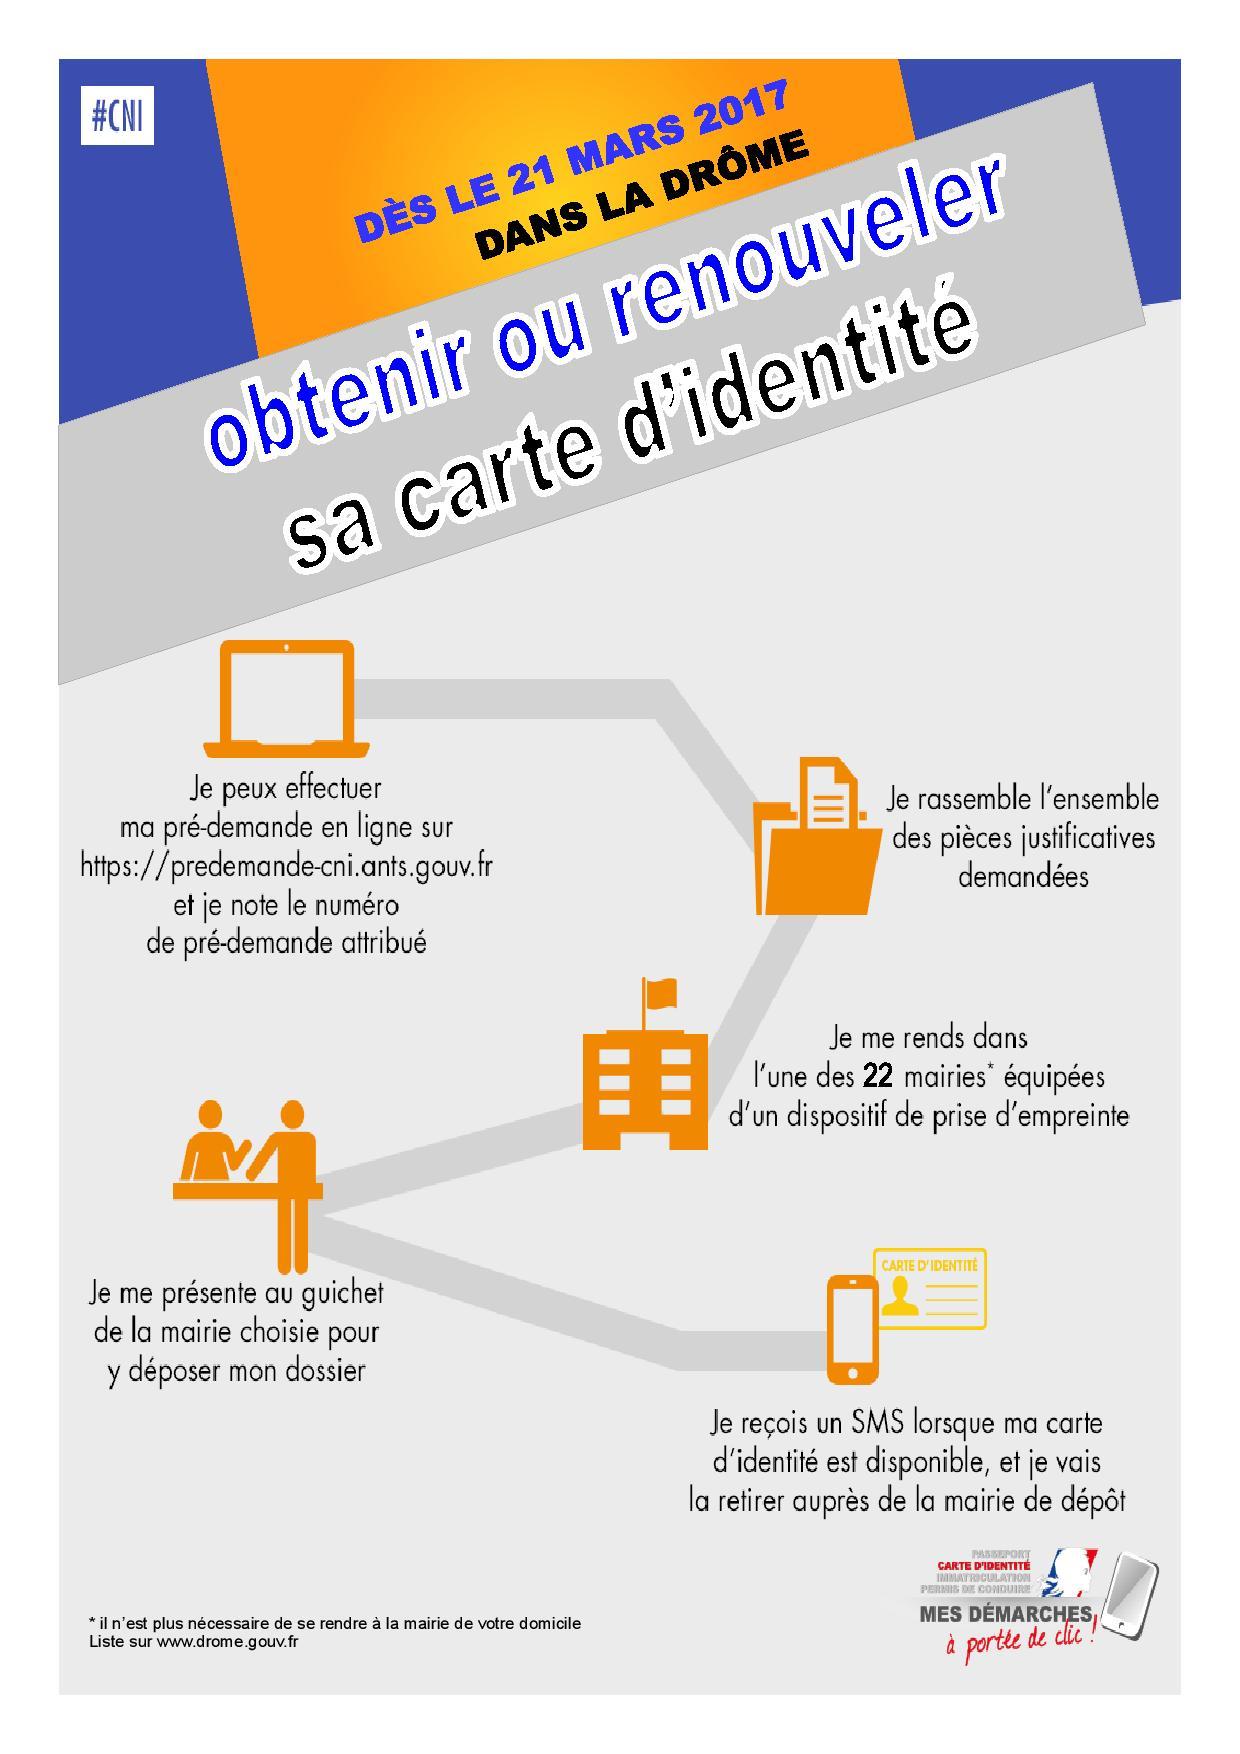 procedure-carte-d-identite